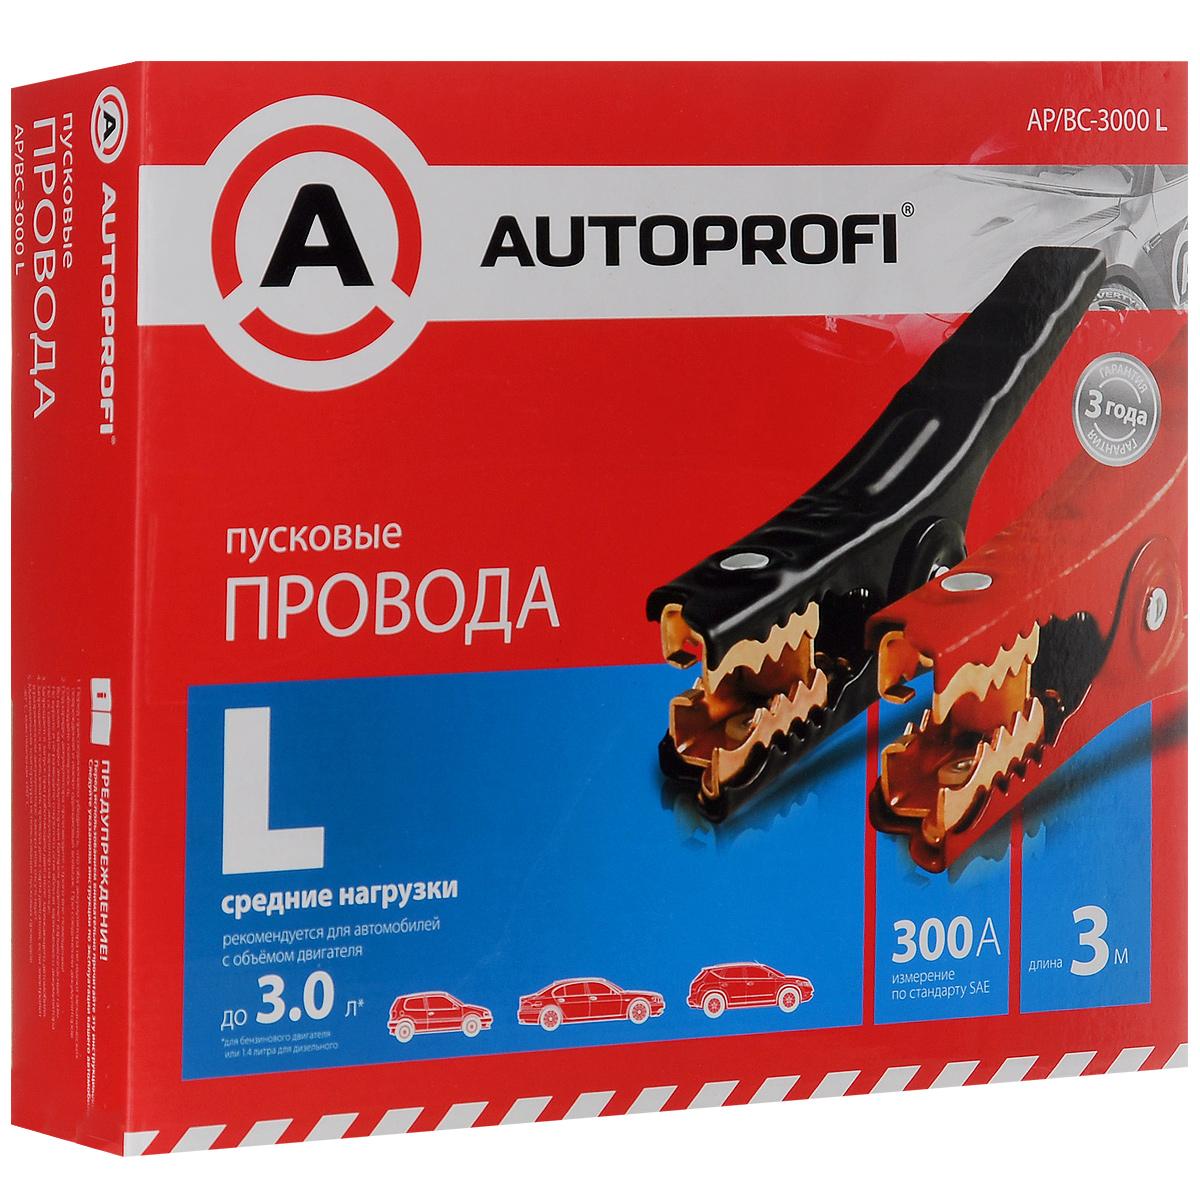 Провода пусковые Autoprofi L, средние нагрузки, 13,3 мм2, 300 A, 3 м провода пусковые autoprofi xl высокие нагрузки 21 15 мм2 450 a 3 5 м